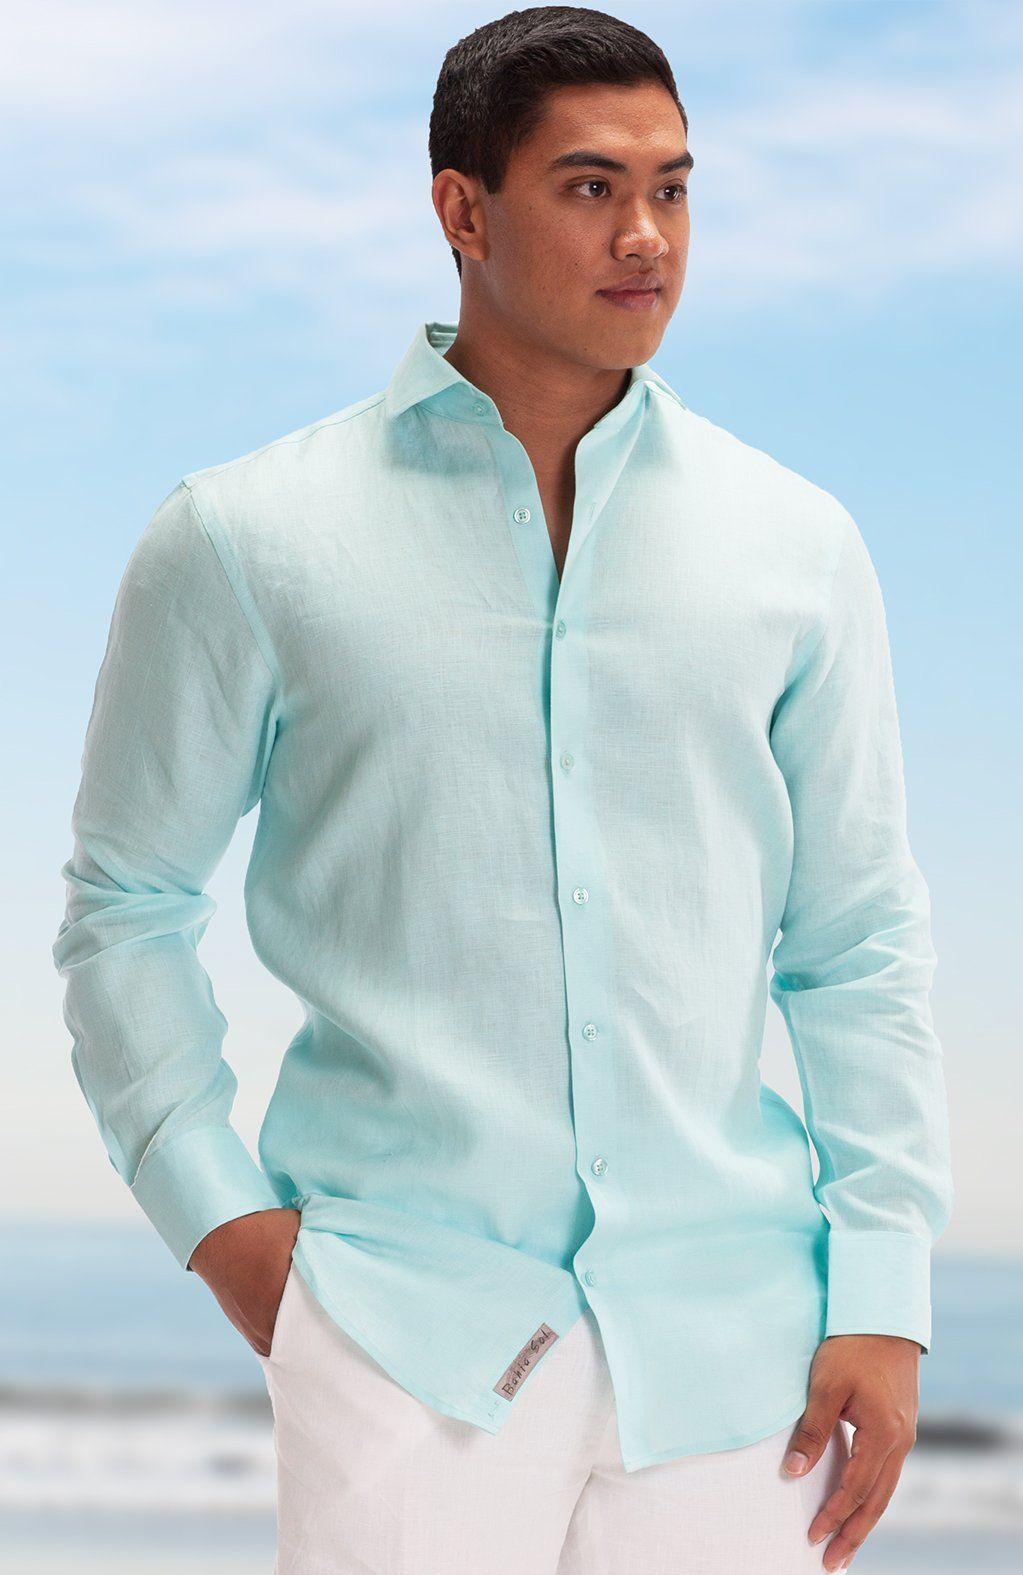 Linen Beach Shirt Mens Linen Shirts For Beach Wedding Long Or Short Sleeve All Colors Mens Beach Wedding Attire Mens Wedding Attire Beach Wedding Men [ 1575 x 1023 Pixel ]